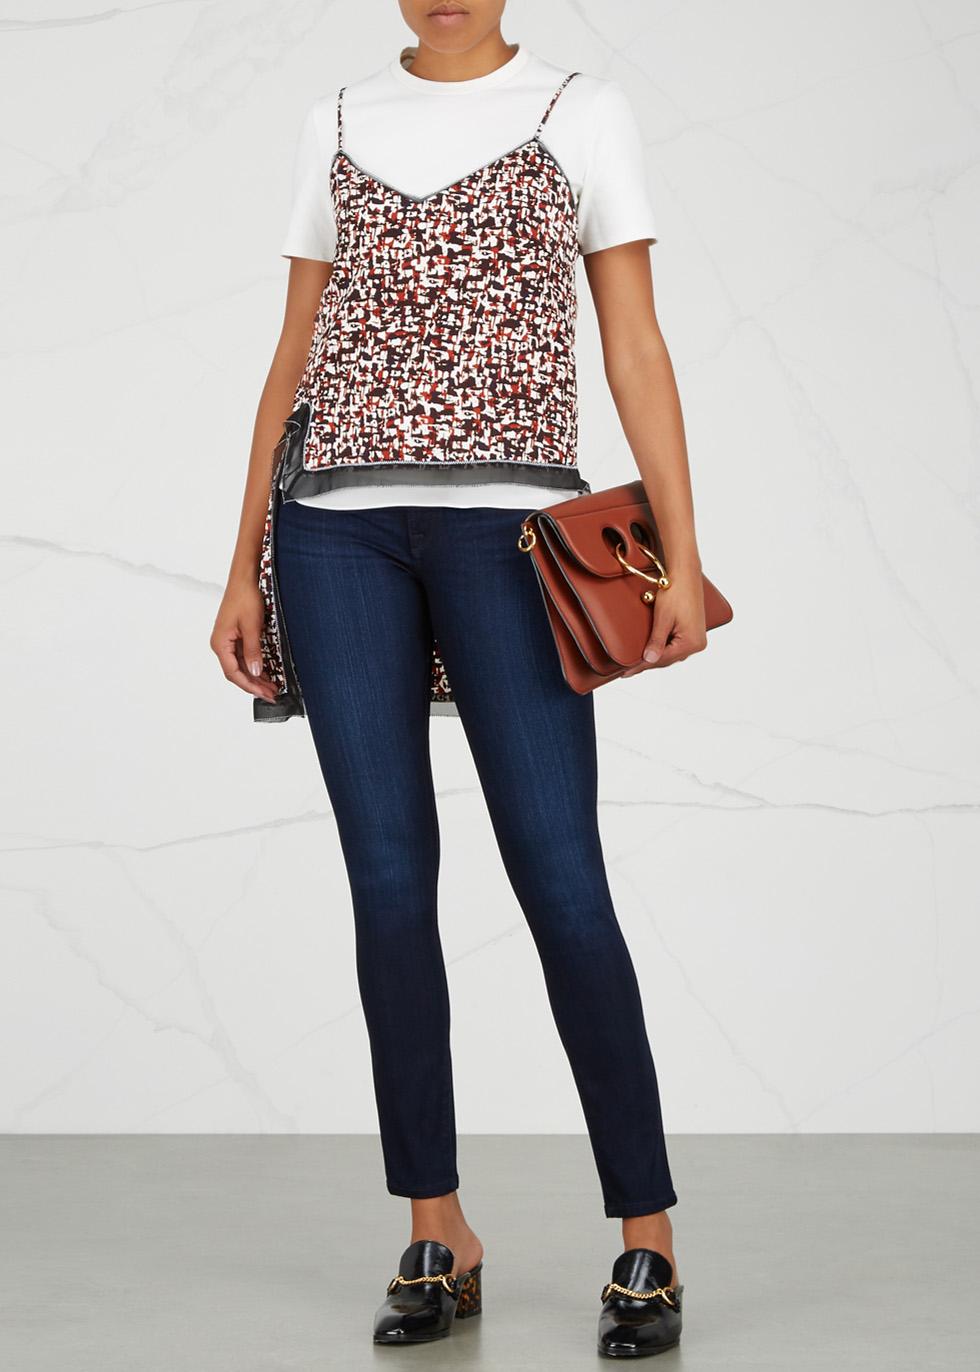 Florence Instasculpt indigo skinny jeans - DL1961